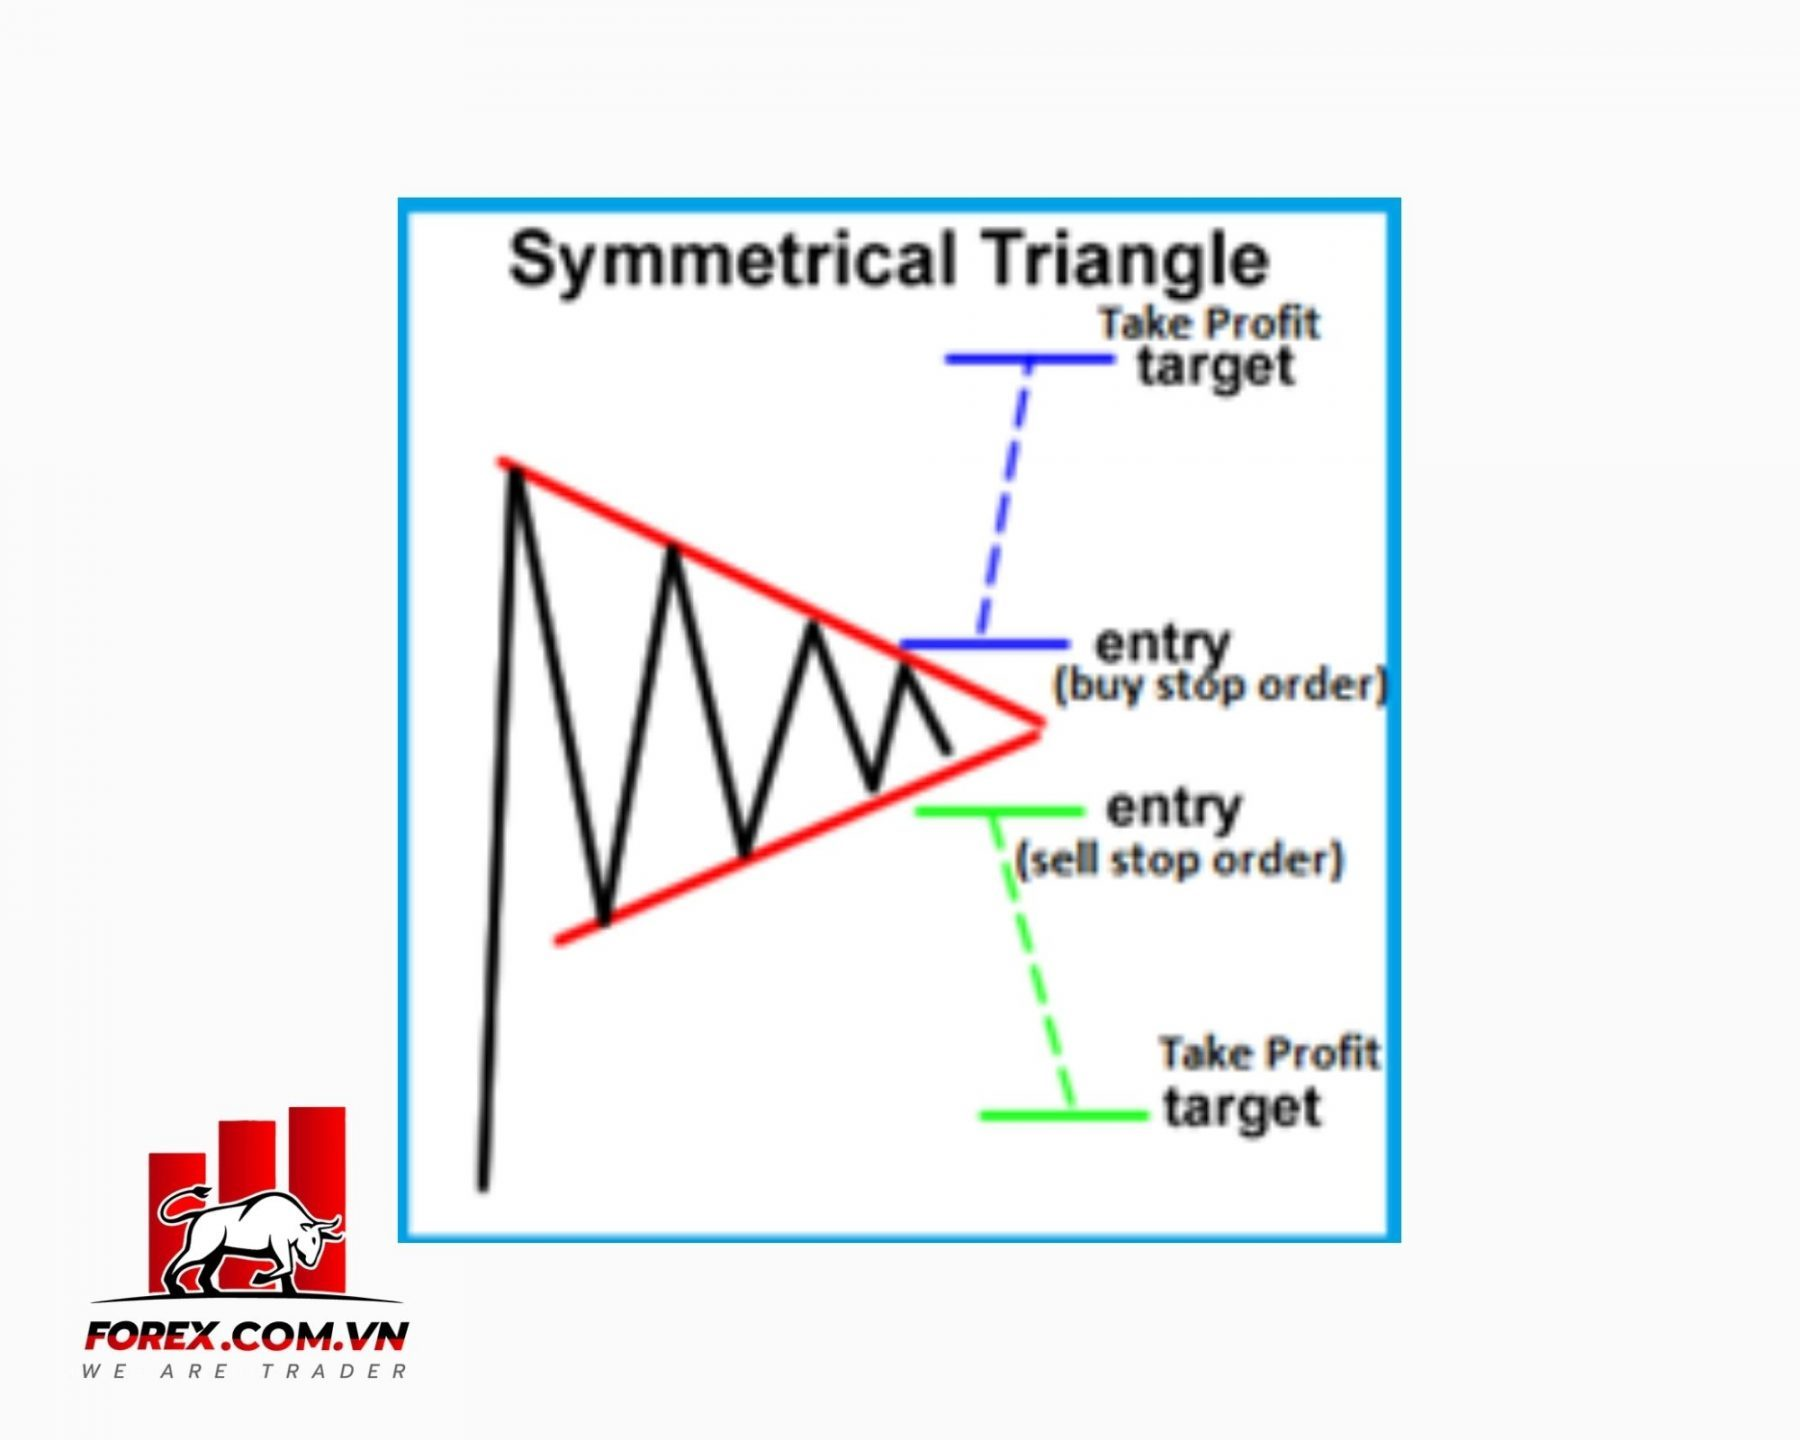 Mô hình tam giác cân (Symmetrical Triangle)